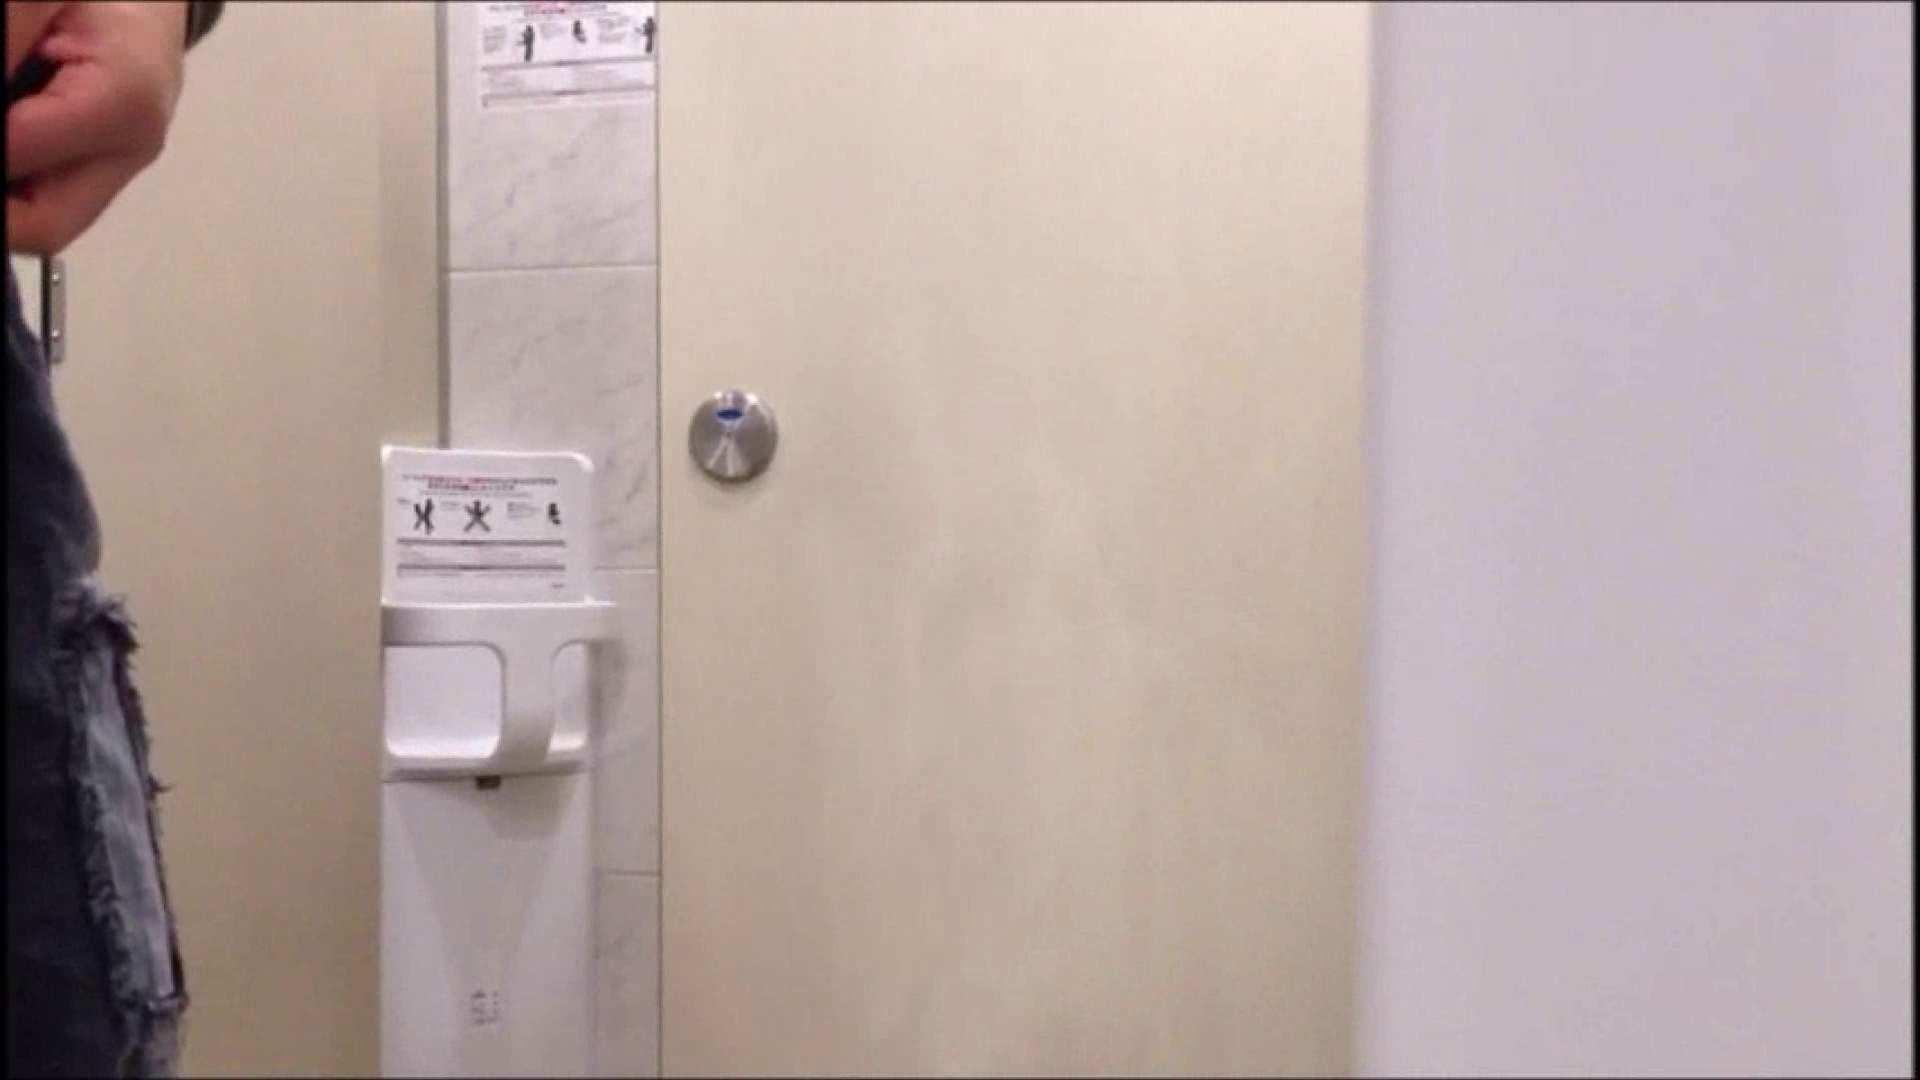 ゲイ 肉棒 動画|すみませんが覗かせてください Vol.21|放尿